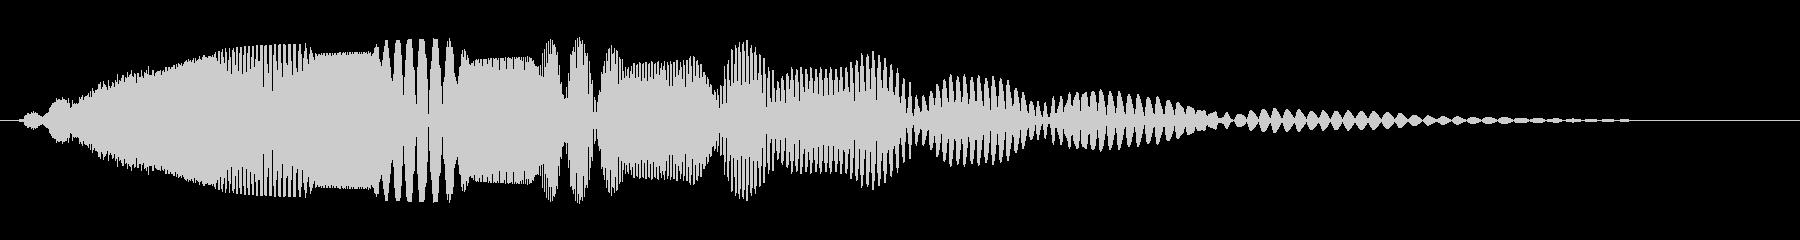 ピュゥ〜ン(宇宙・近未来を感じる効果音)の未再生の波形